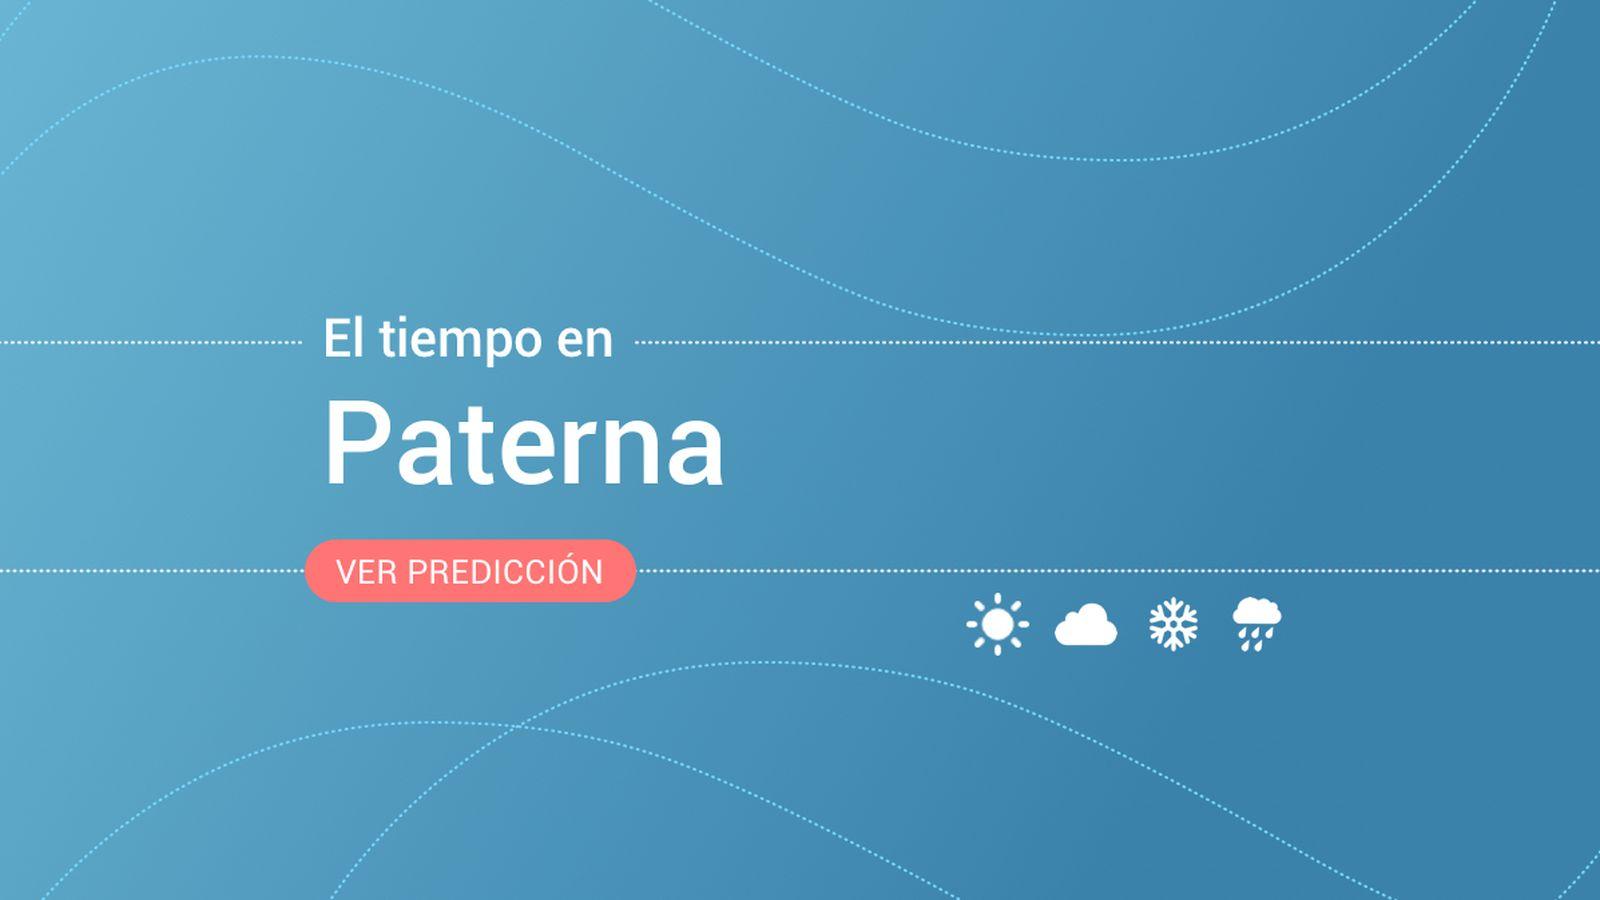 Foto: El tiempo en Paterna. (EC)